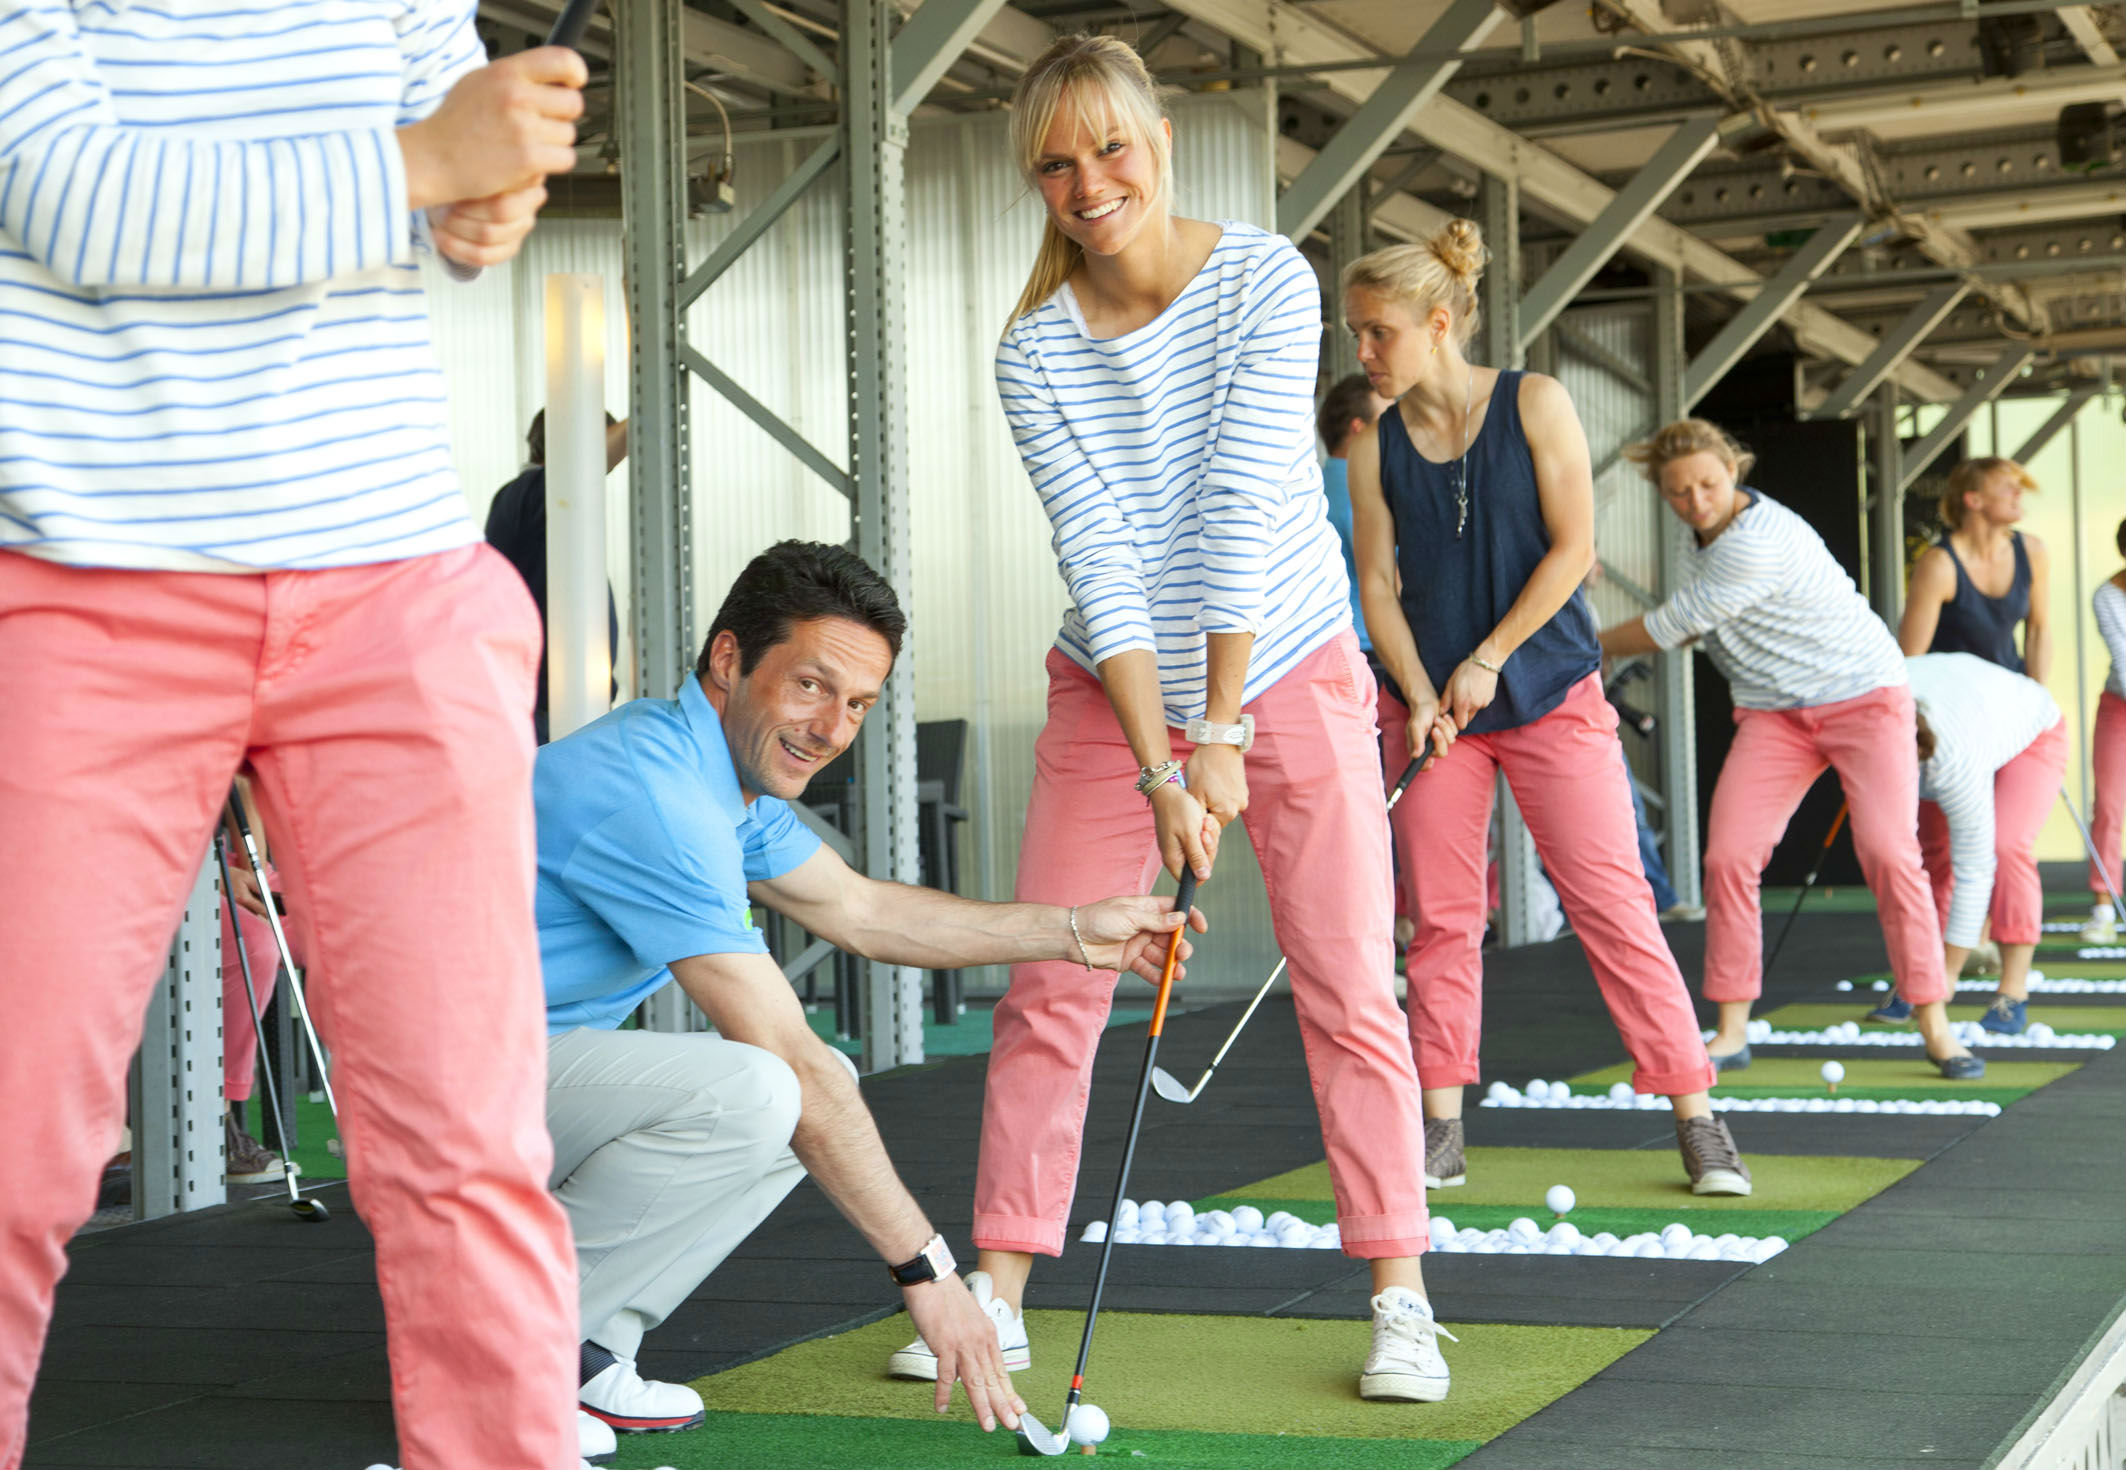 Gruppendynamik - Ein wichtiger Punkt im Training. (Foto: Golf Lounge Hamburg)